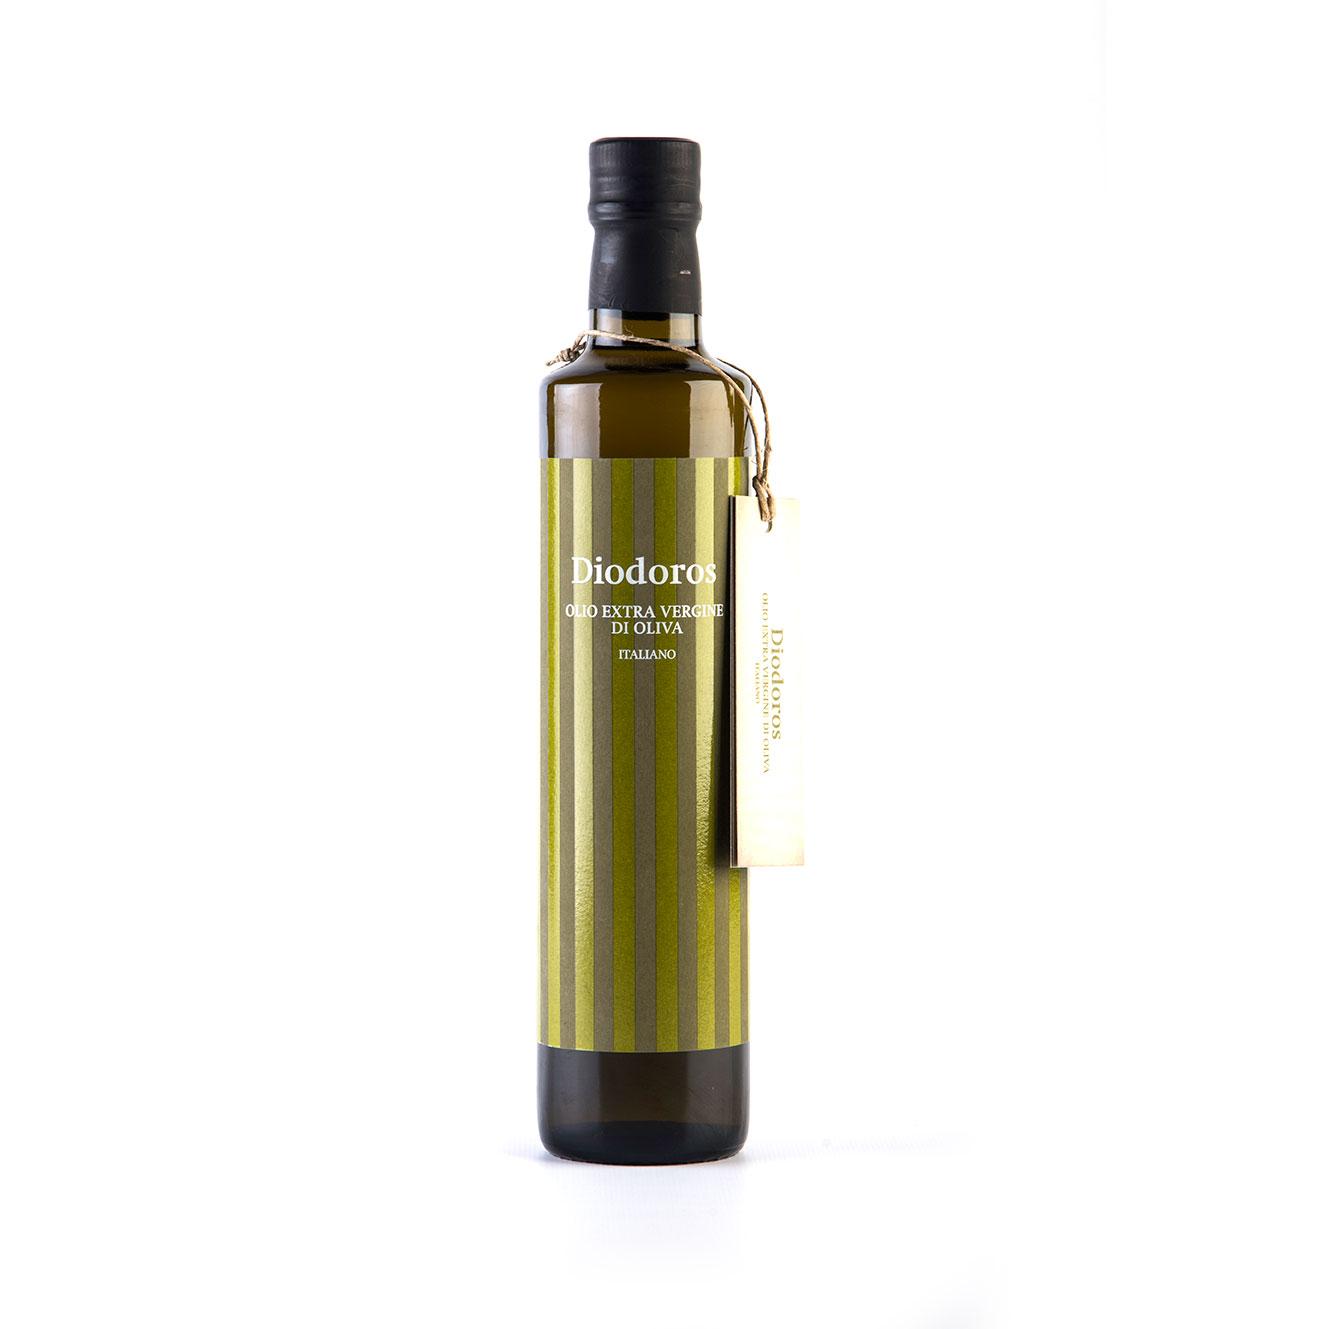 vendita olio extravergine oliva sicilia